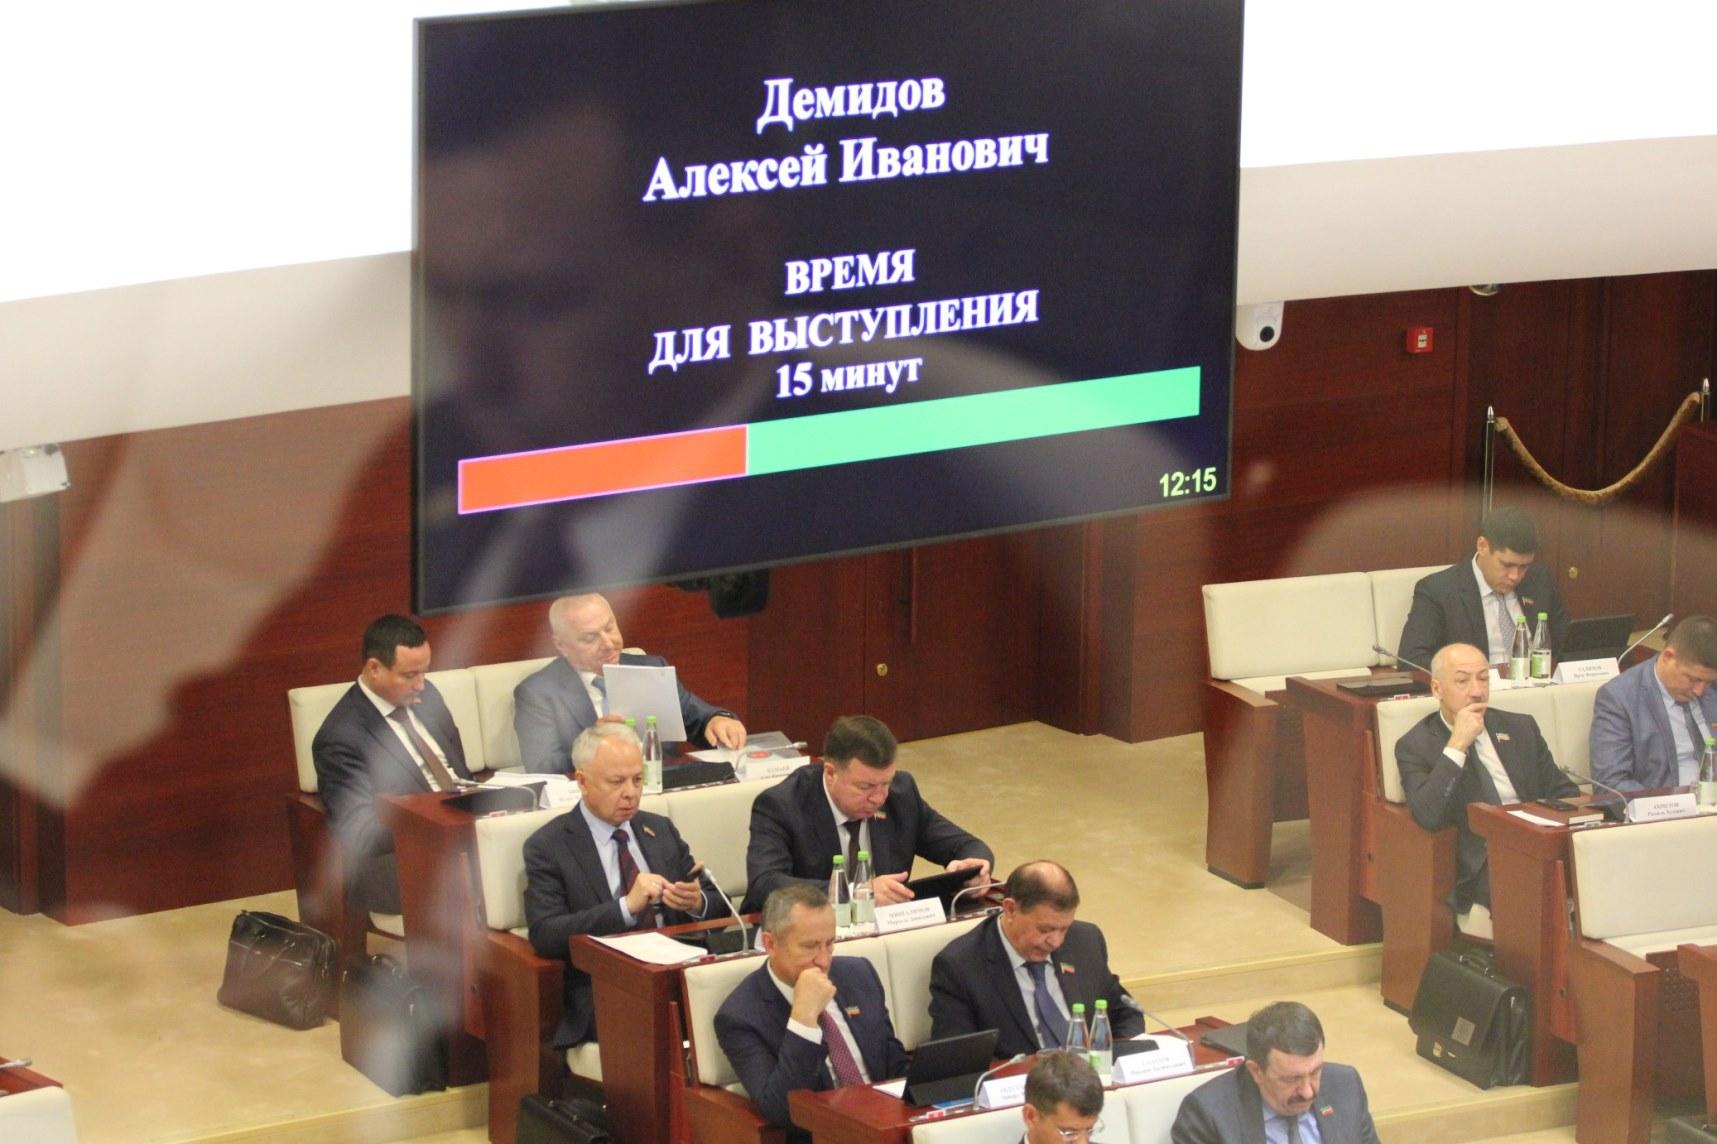 4-е заседание Государственного Совета Республики Татарстан шестого созыва (23 октября 2019 г.)